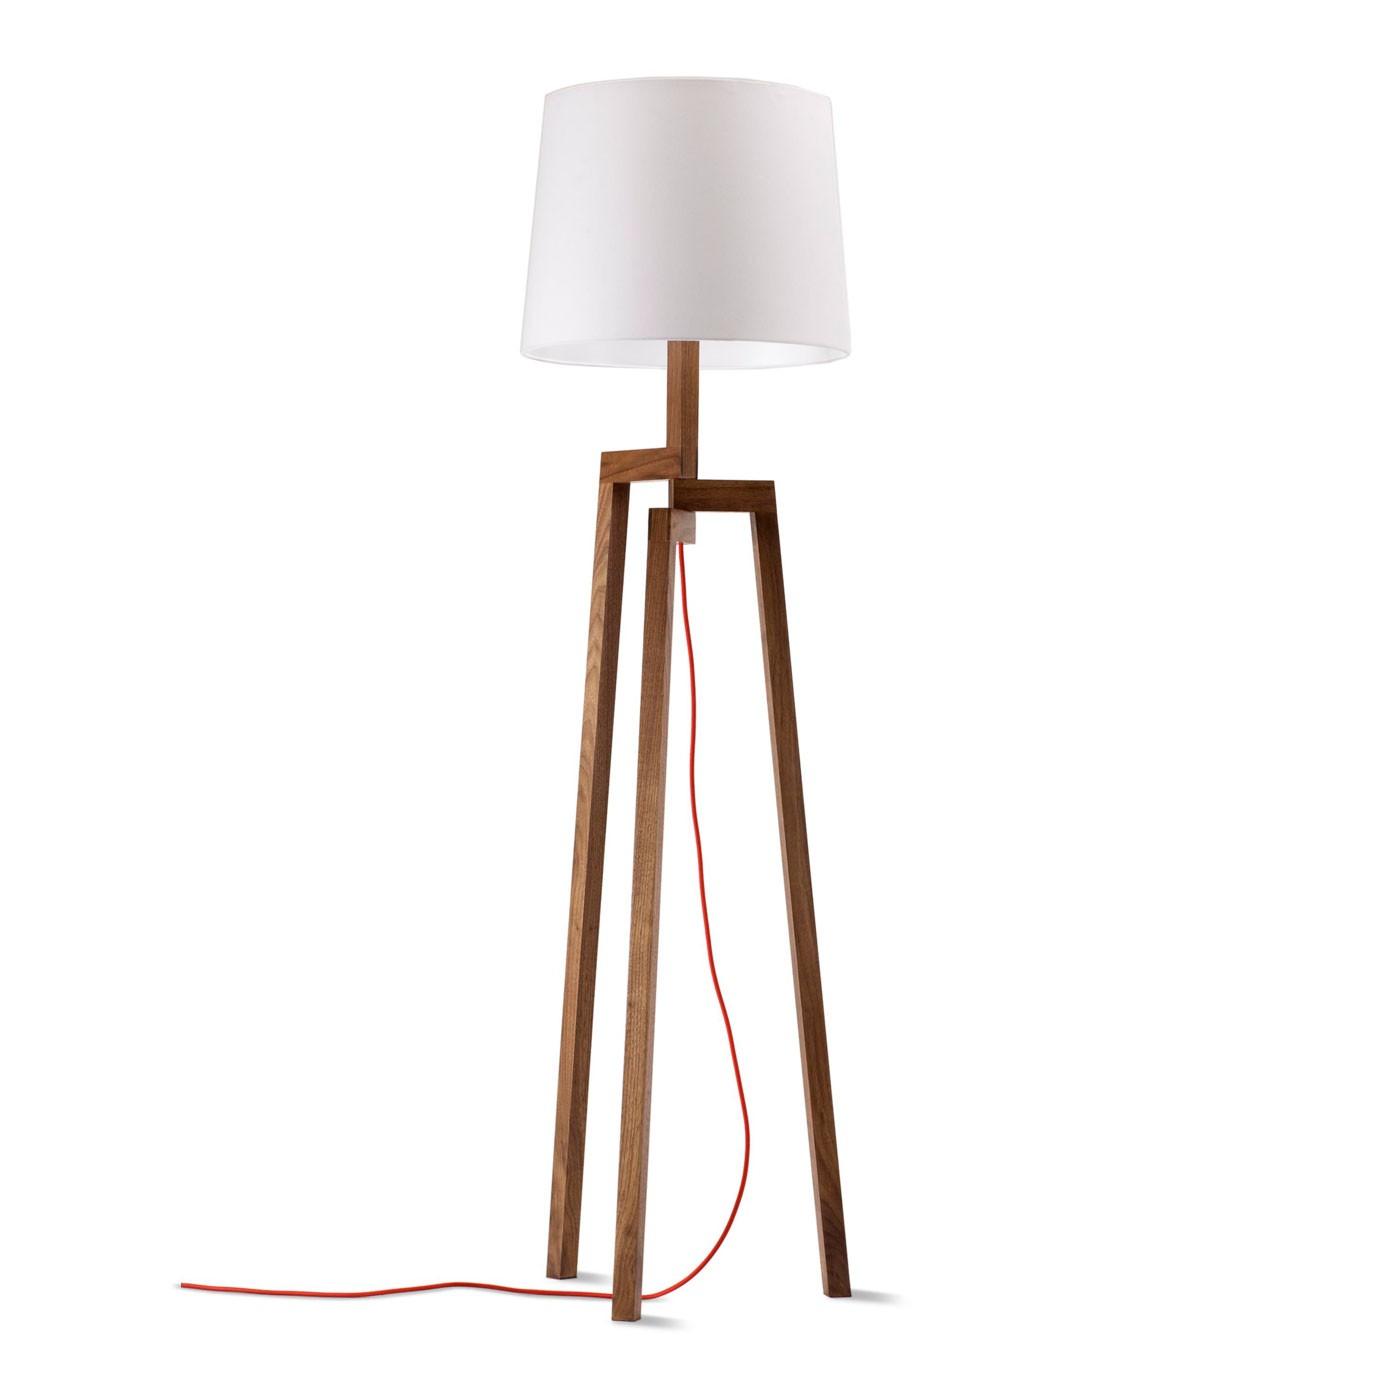 Modern floor lamps sleek elegant styles inoutinterior Modern floor lamps